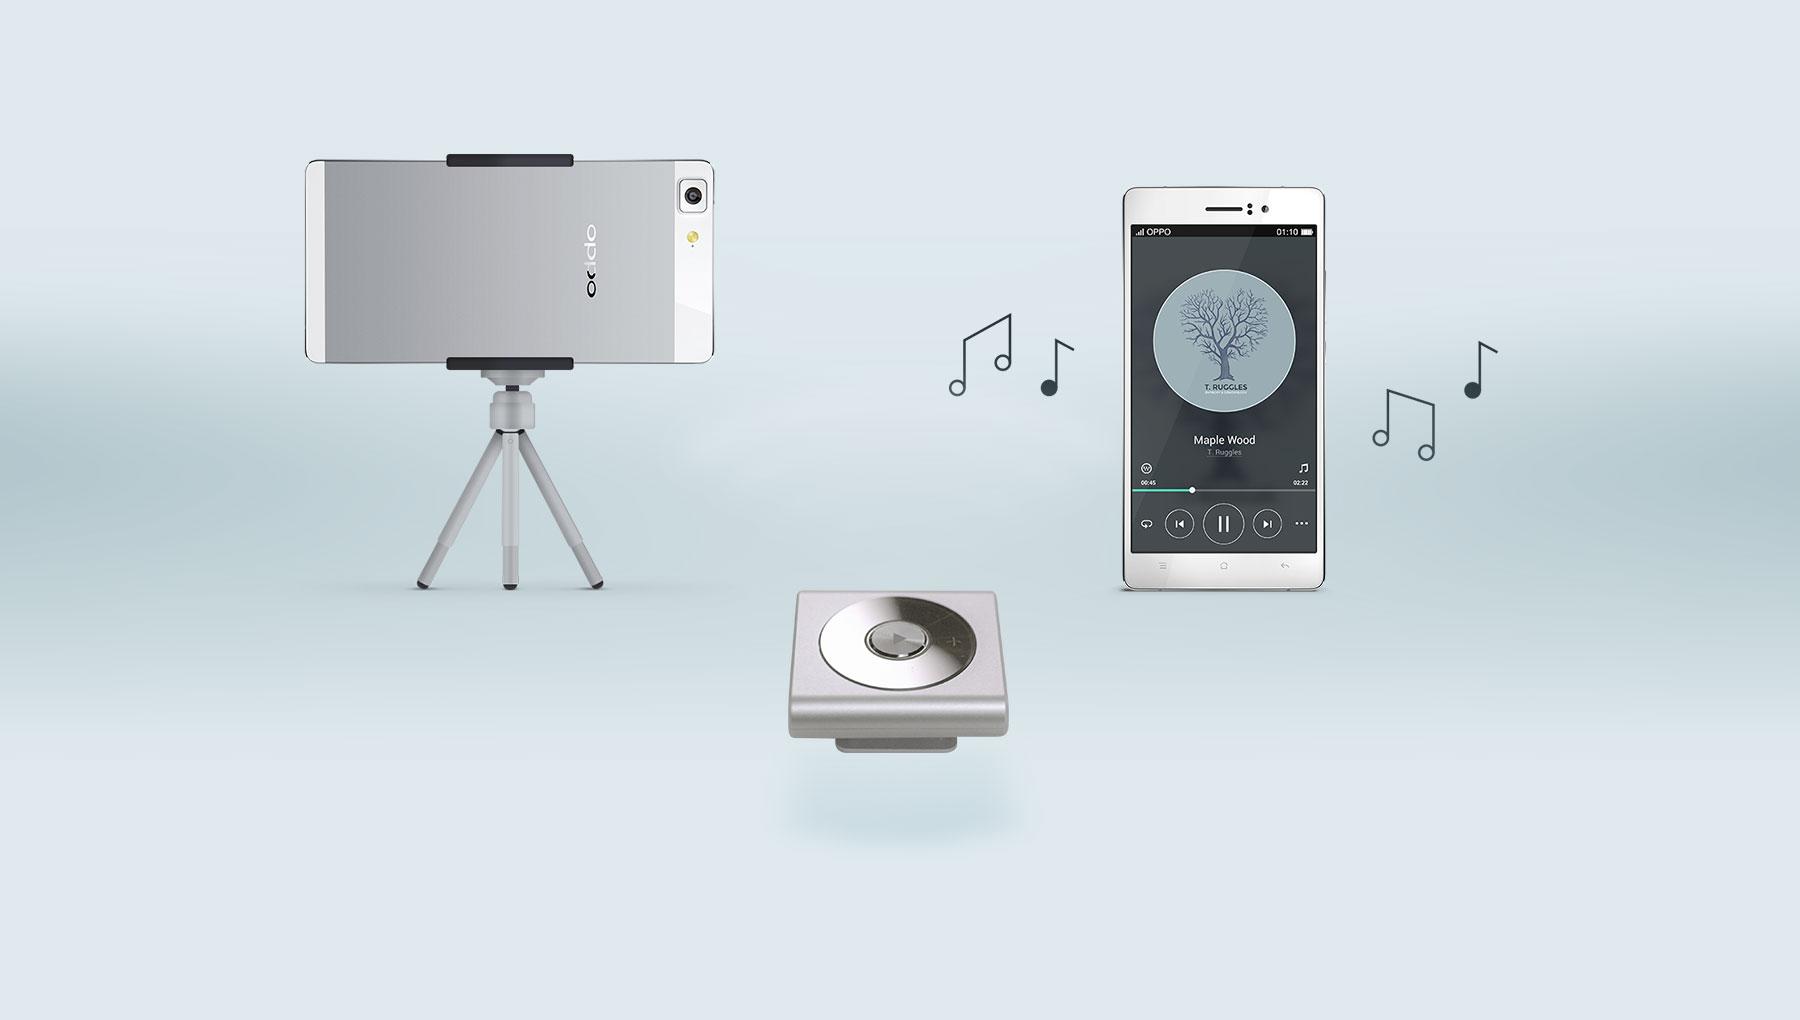 OPPO R5  เติมเต็มความสนุกของชีวิตได้ง่ายๆ ไม่ว่าจะถ่ายภาพ หรือ ฟังเพลง ด้วย O-Music